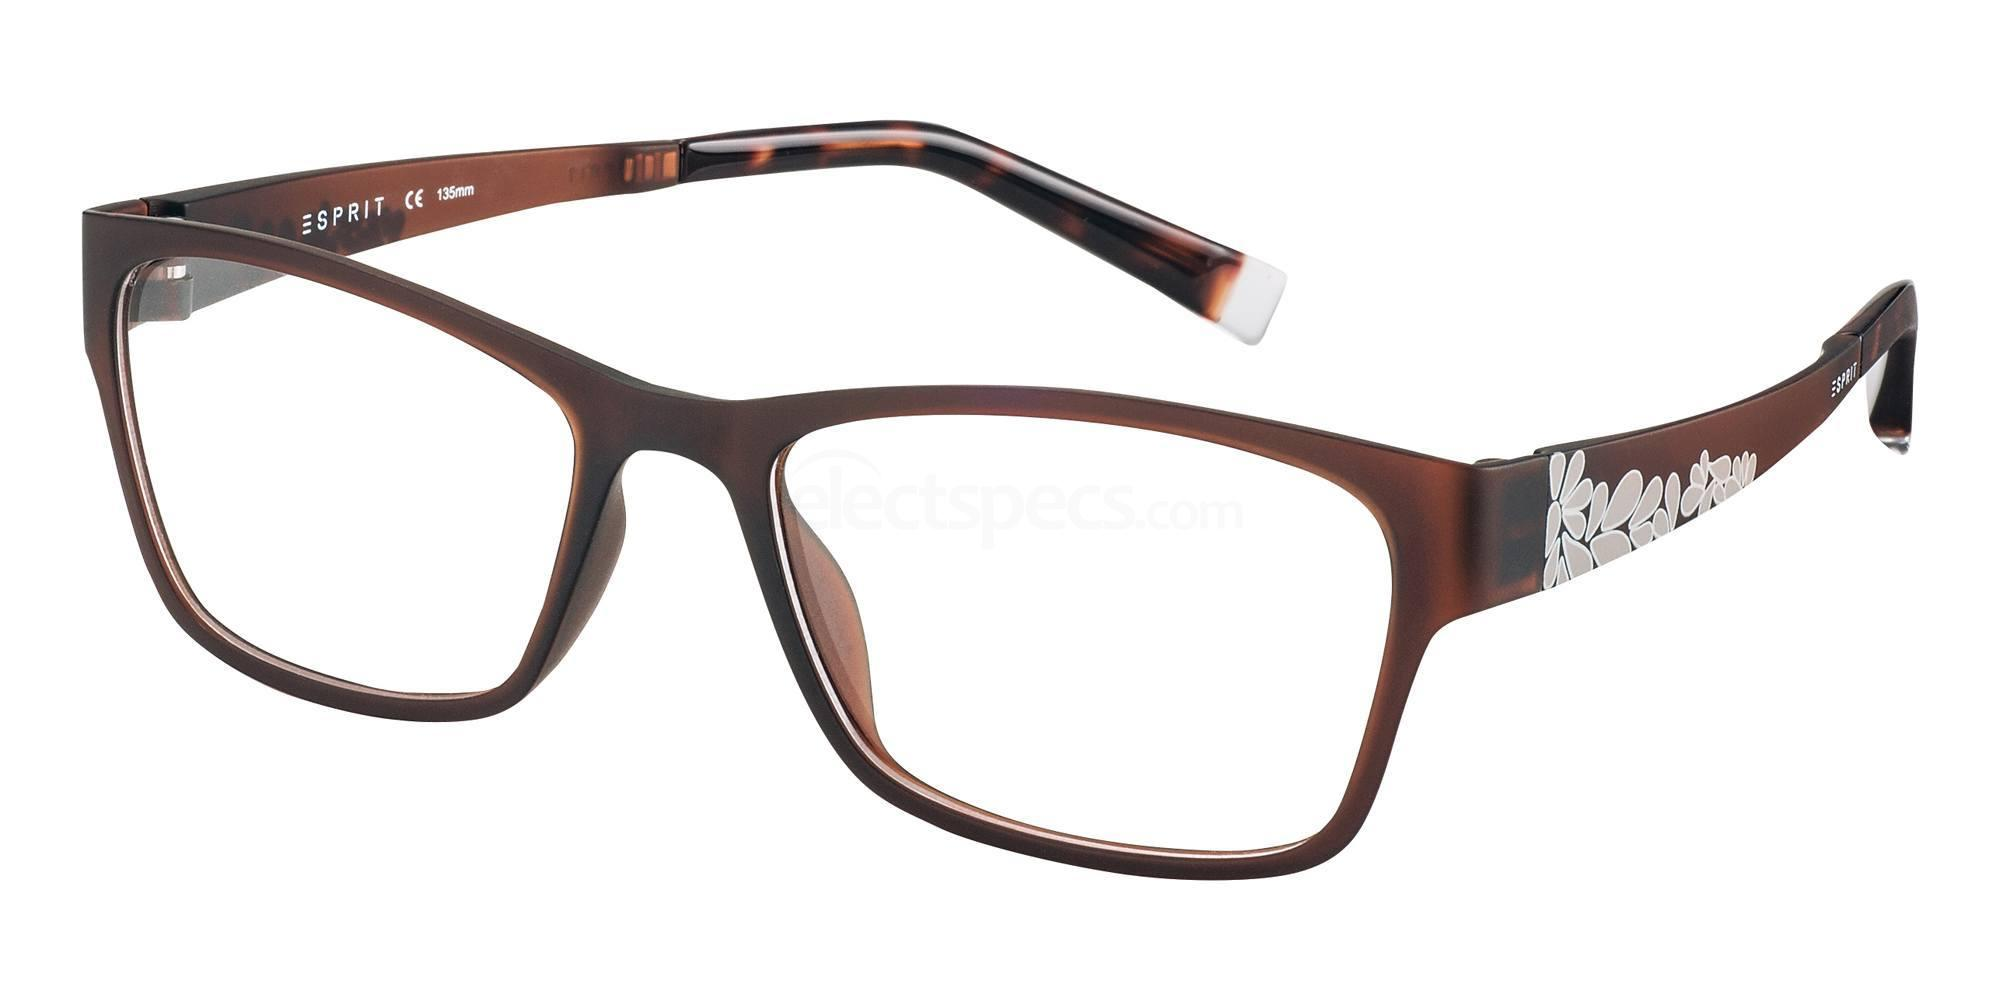 535 ET17477 Glasses, Esprit